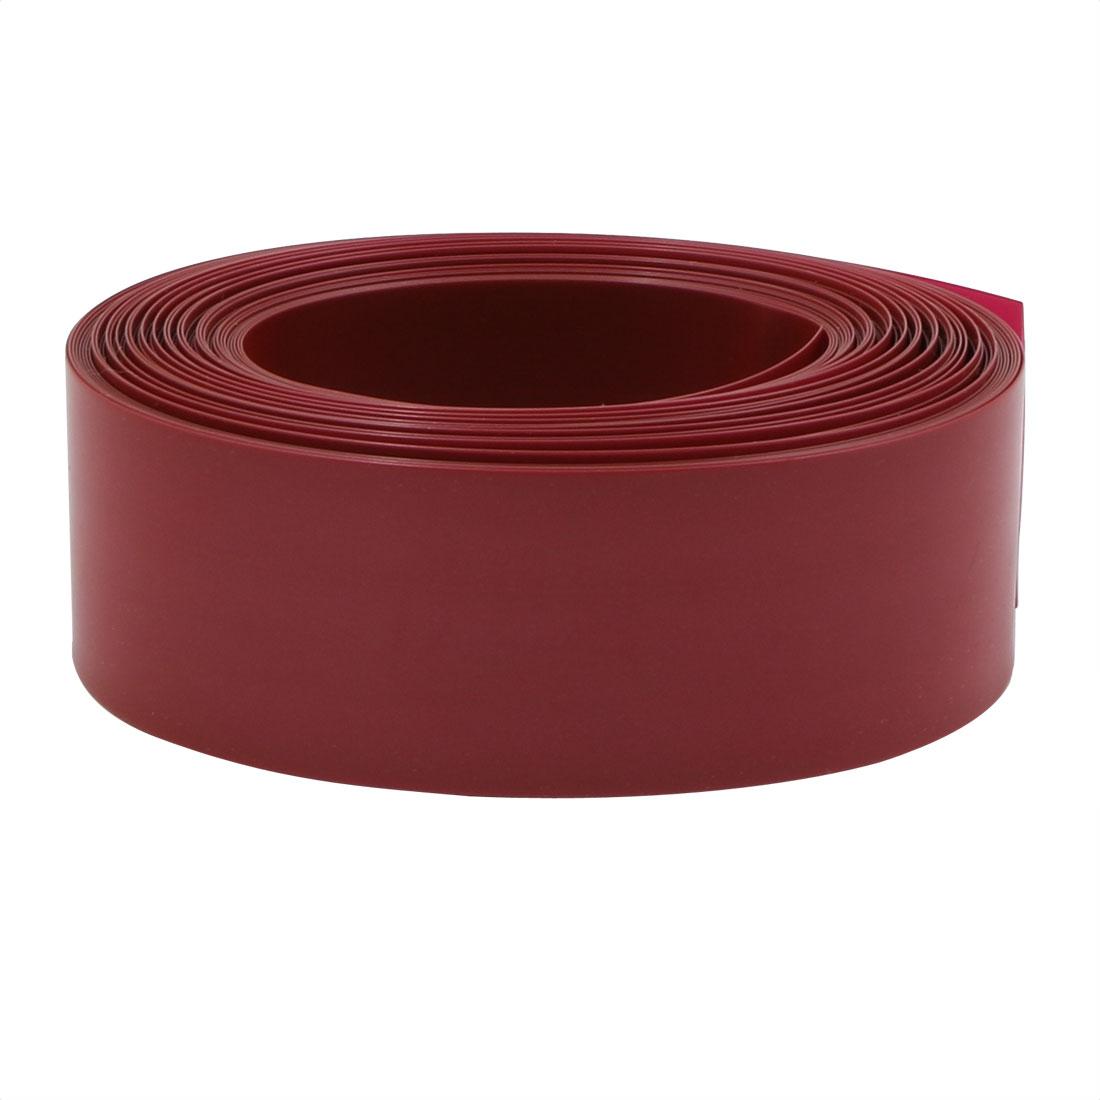 29.5mm Flat Width 10M Long PVC Heat Shrinkable Tube Dark Red for 18650 Battery